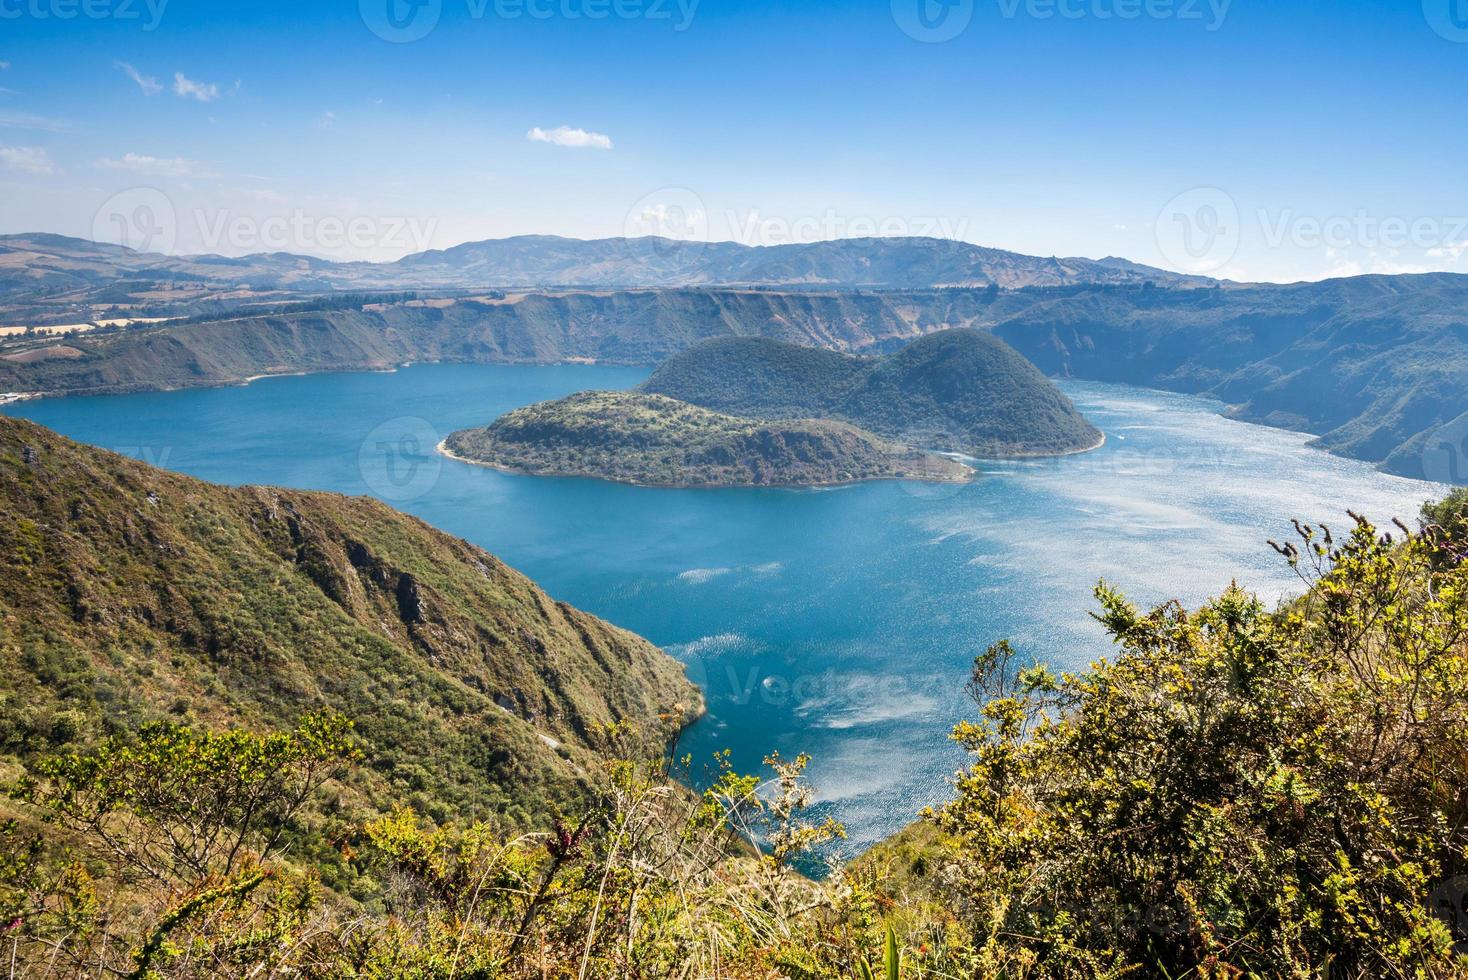 Cuicocha crater lake, Reserve Cotacachi-Cayapas, Ecuador photo